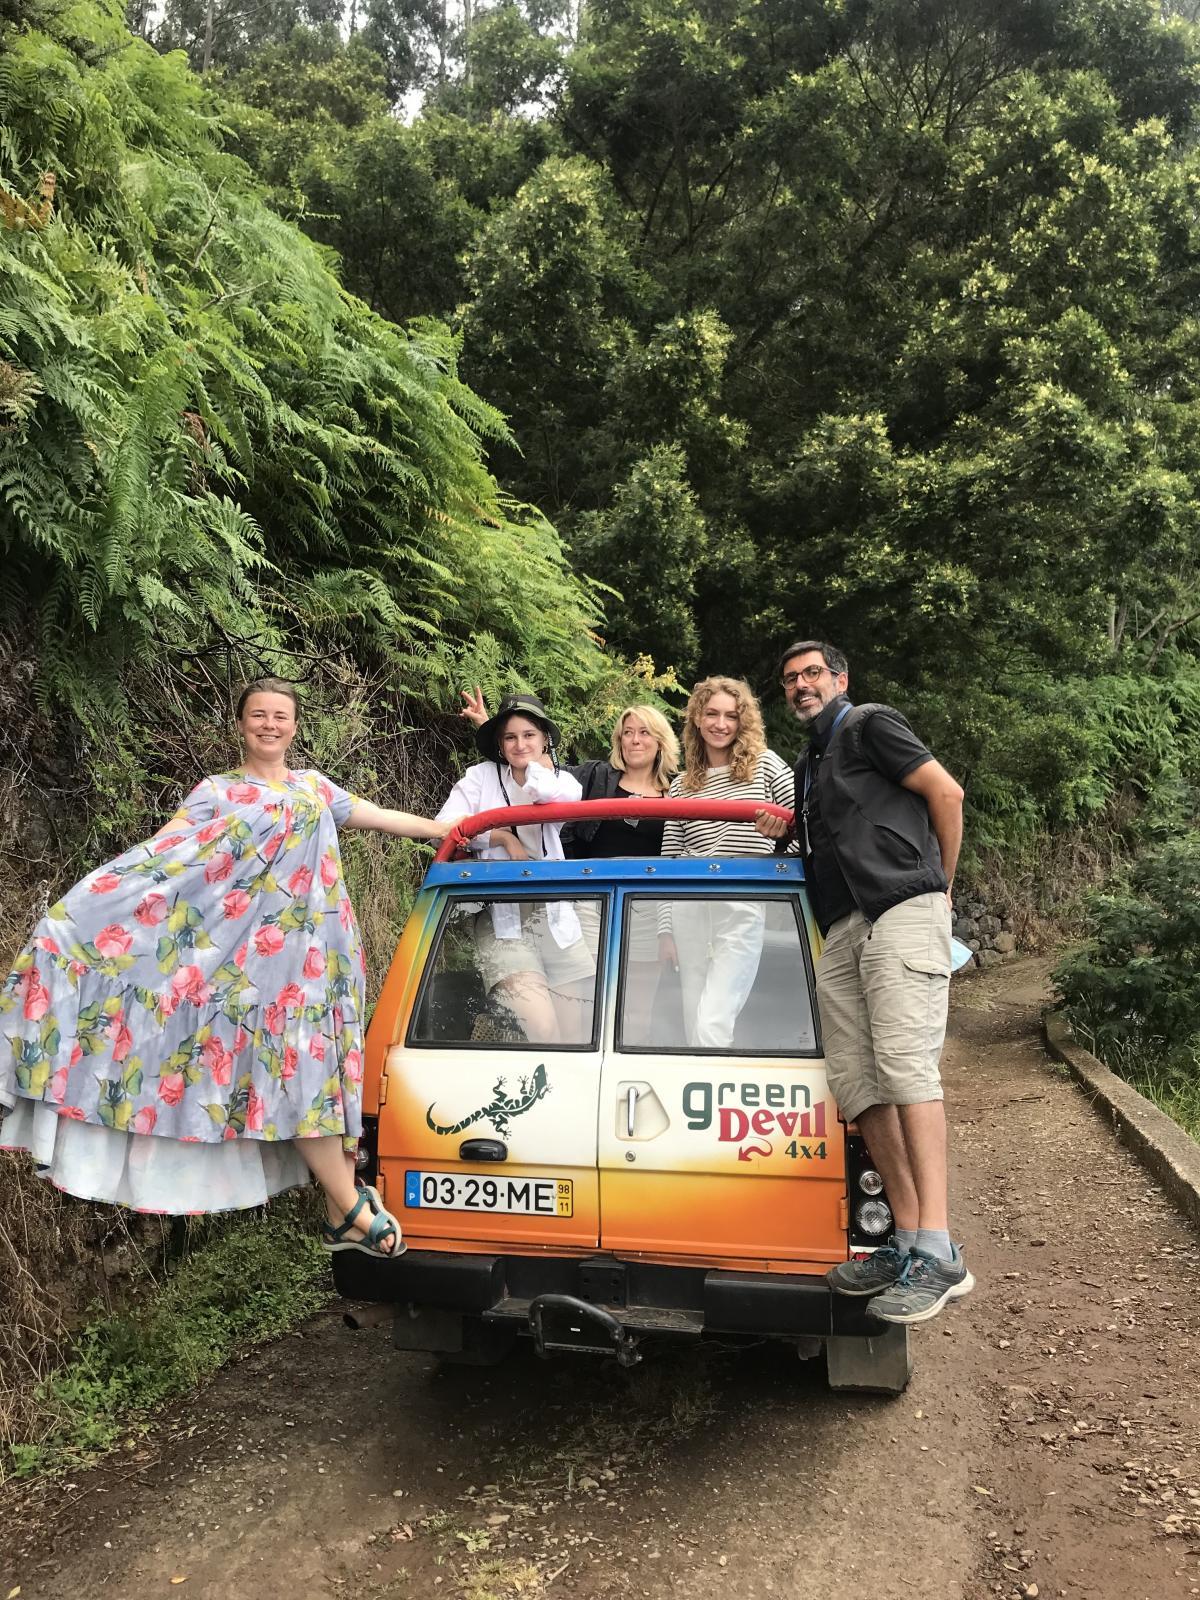 В однодневный тур по горам и лесам можно отправиться на джипе-кабриолете / фото Игорь Орел